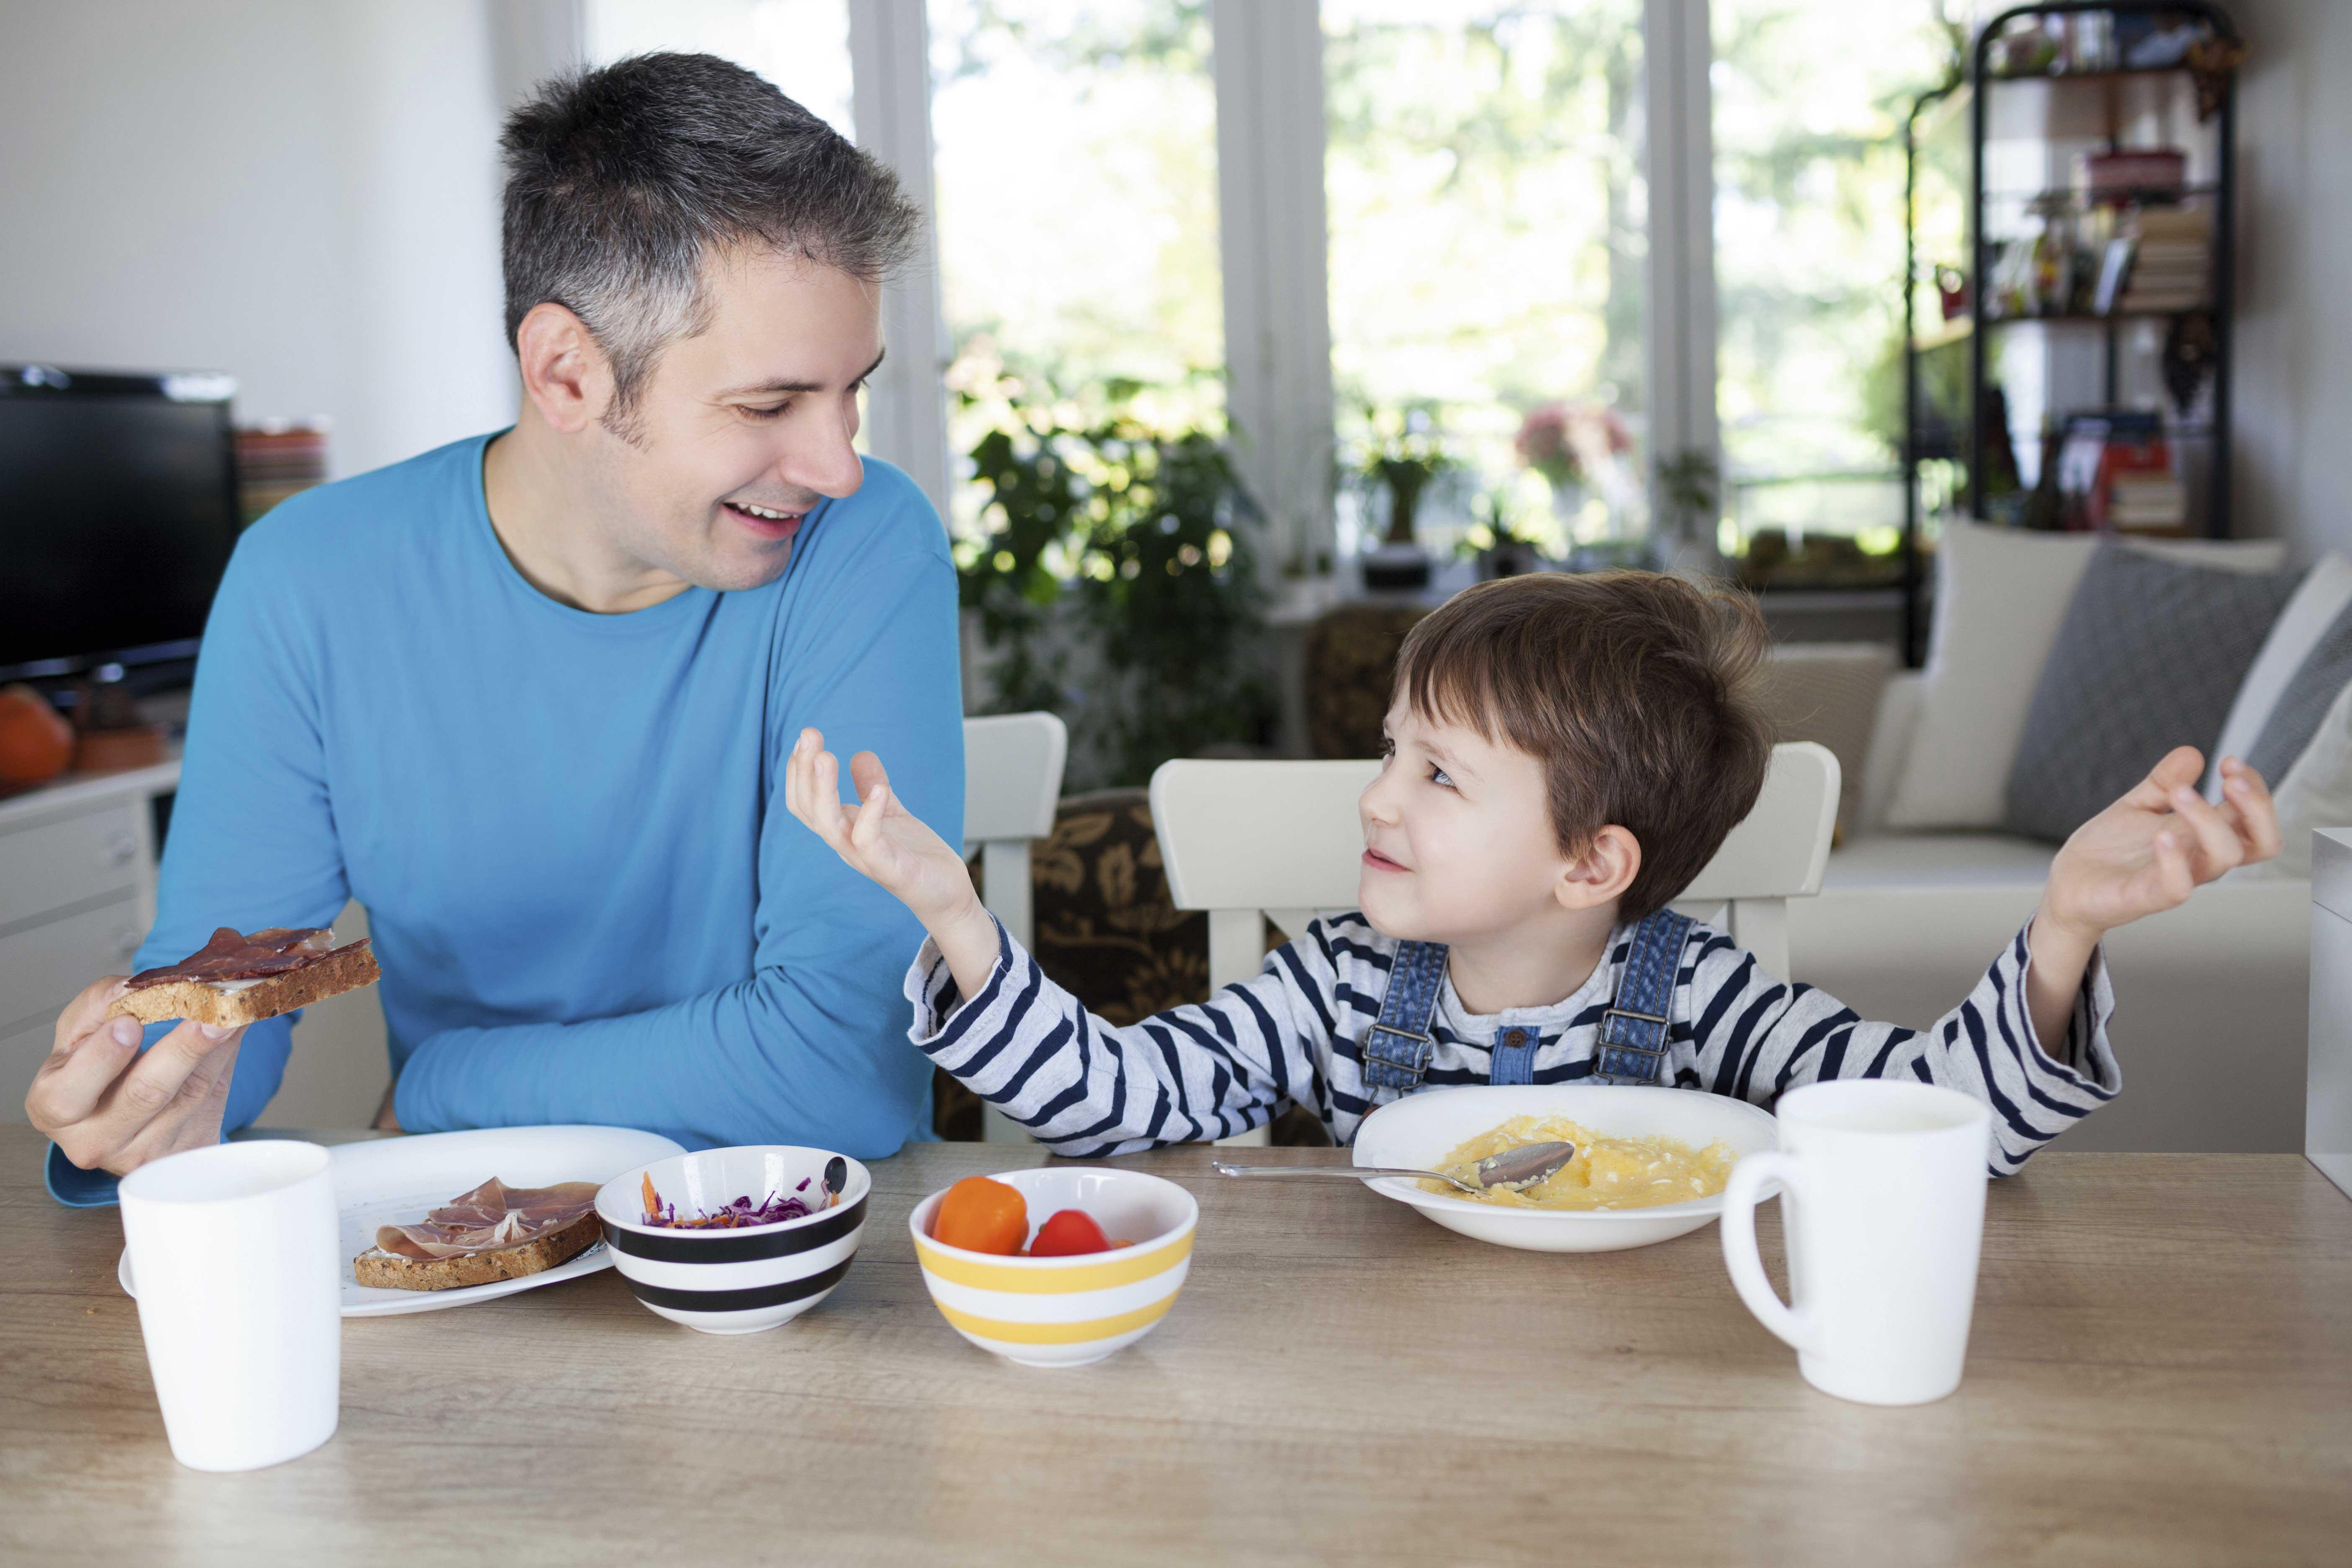 Hoe-ga-je-samen-met-ouders-en-kinderen-aan-de-slag-met-leefstijlverandering